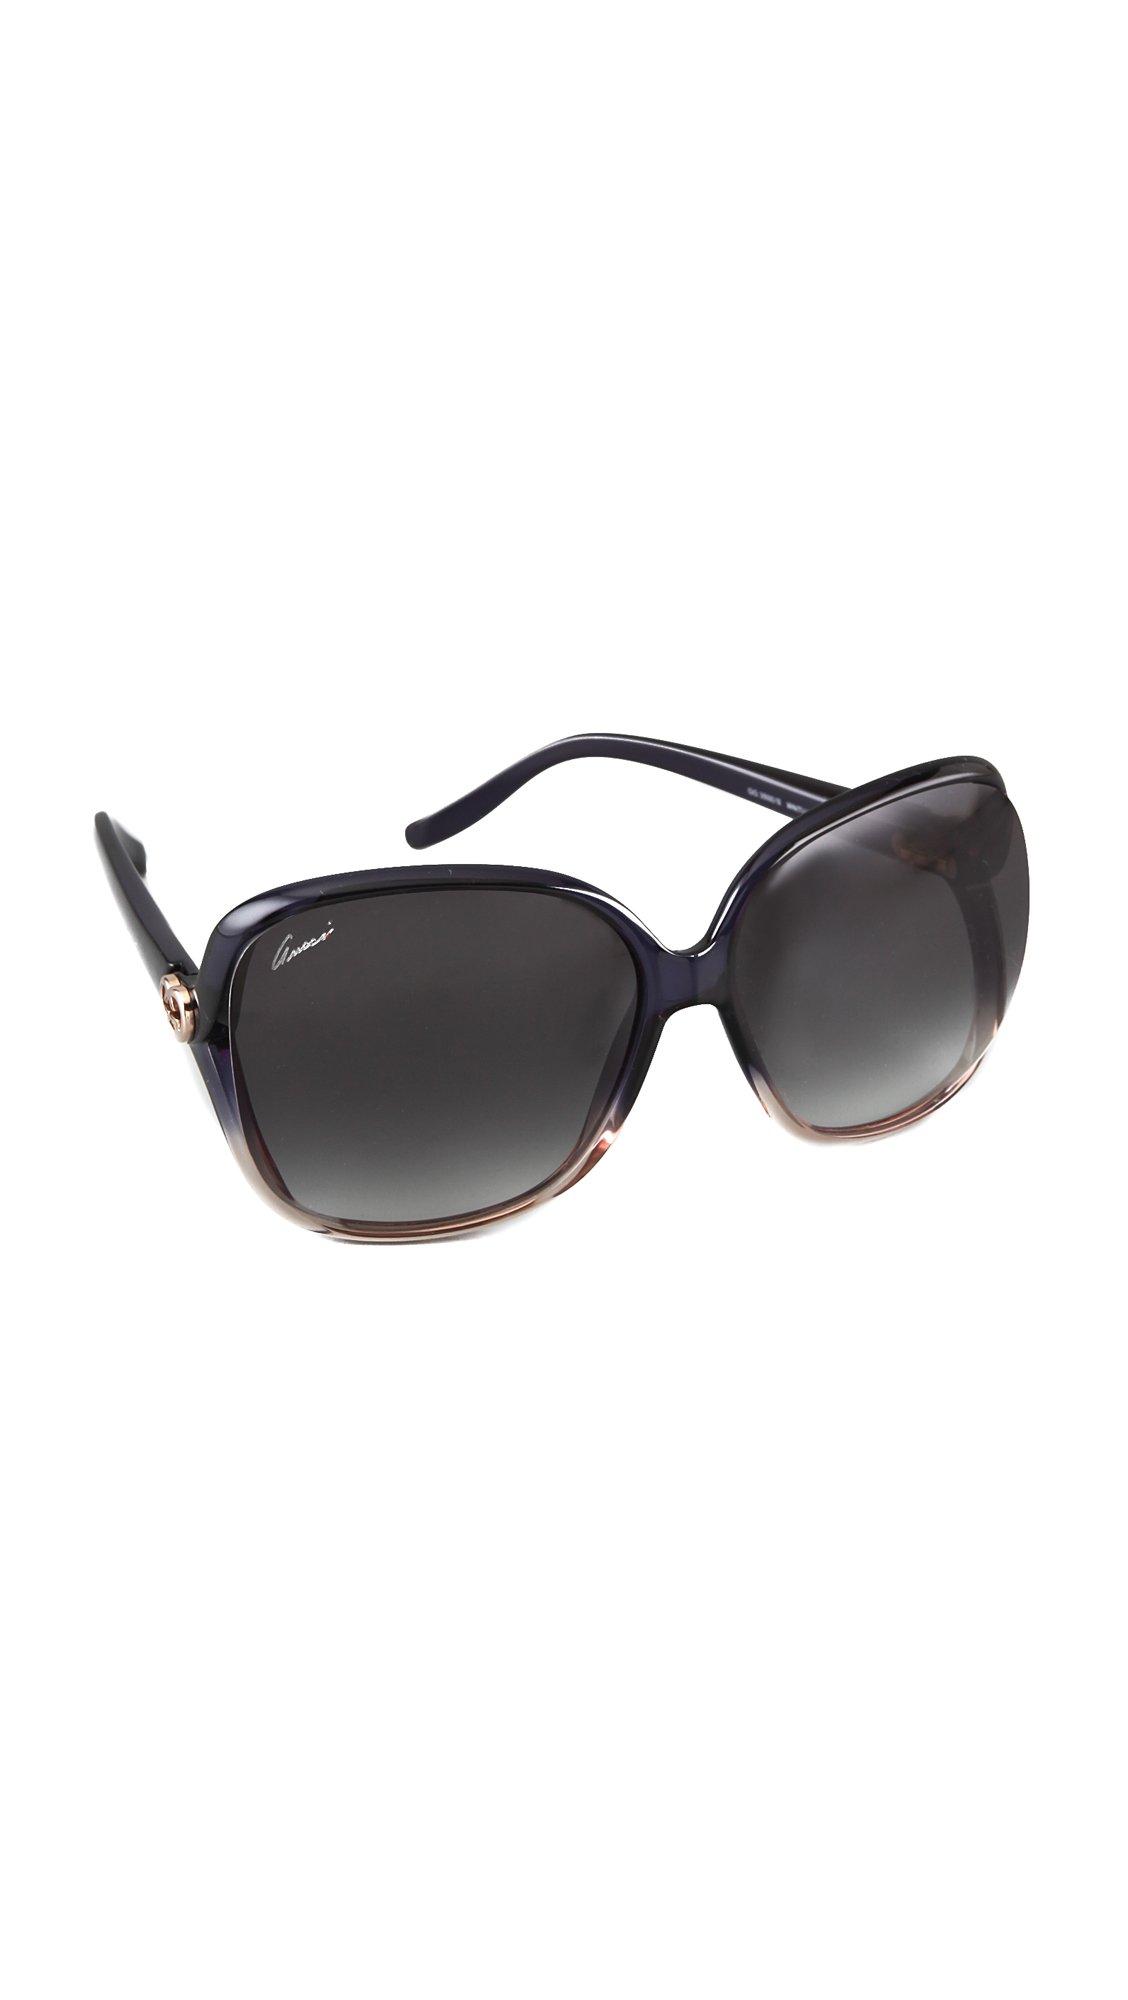 b7251ec569d25 Blue Gucci Sunglasses 3786 s